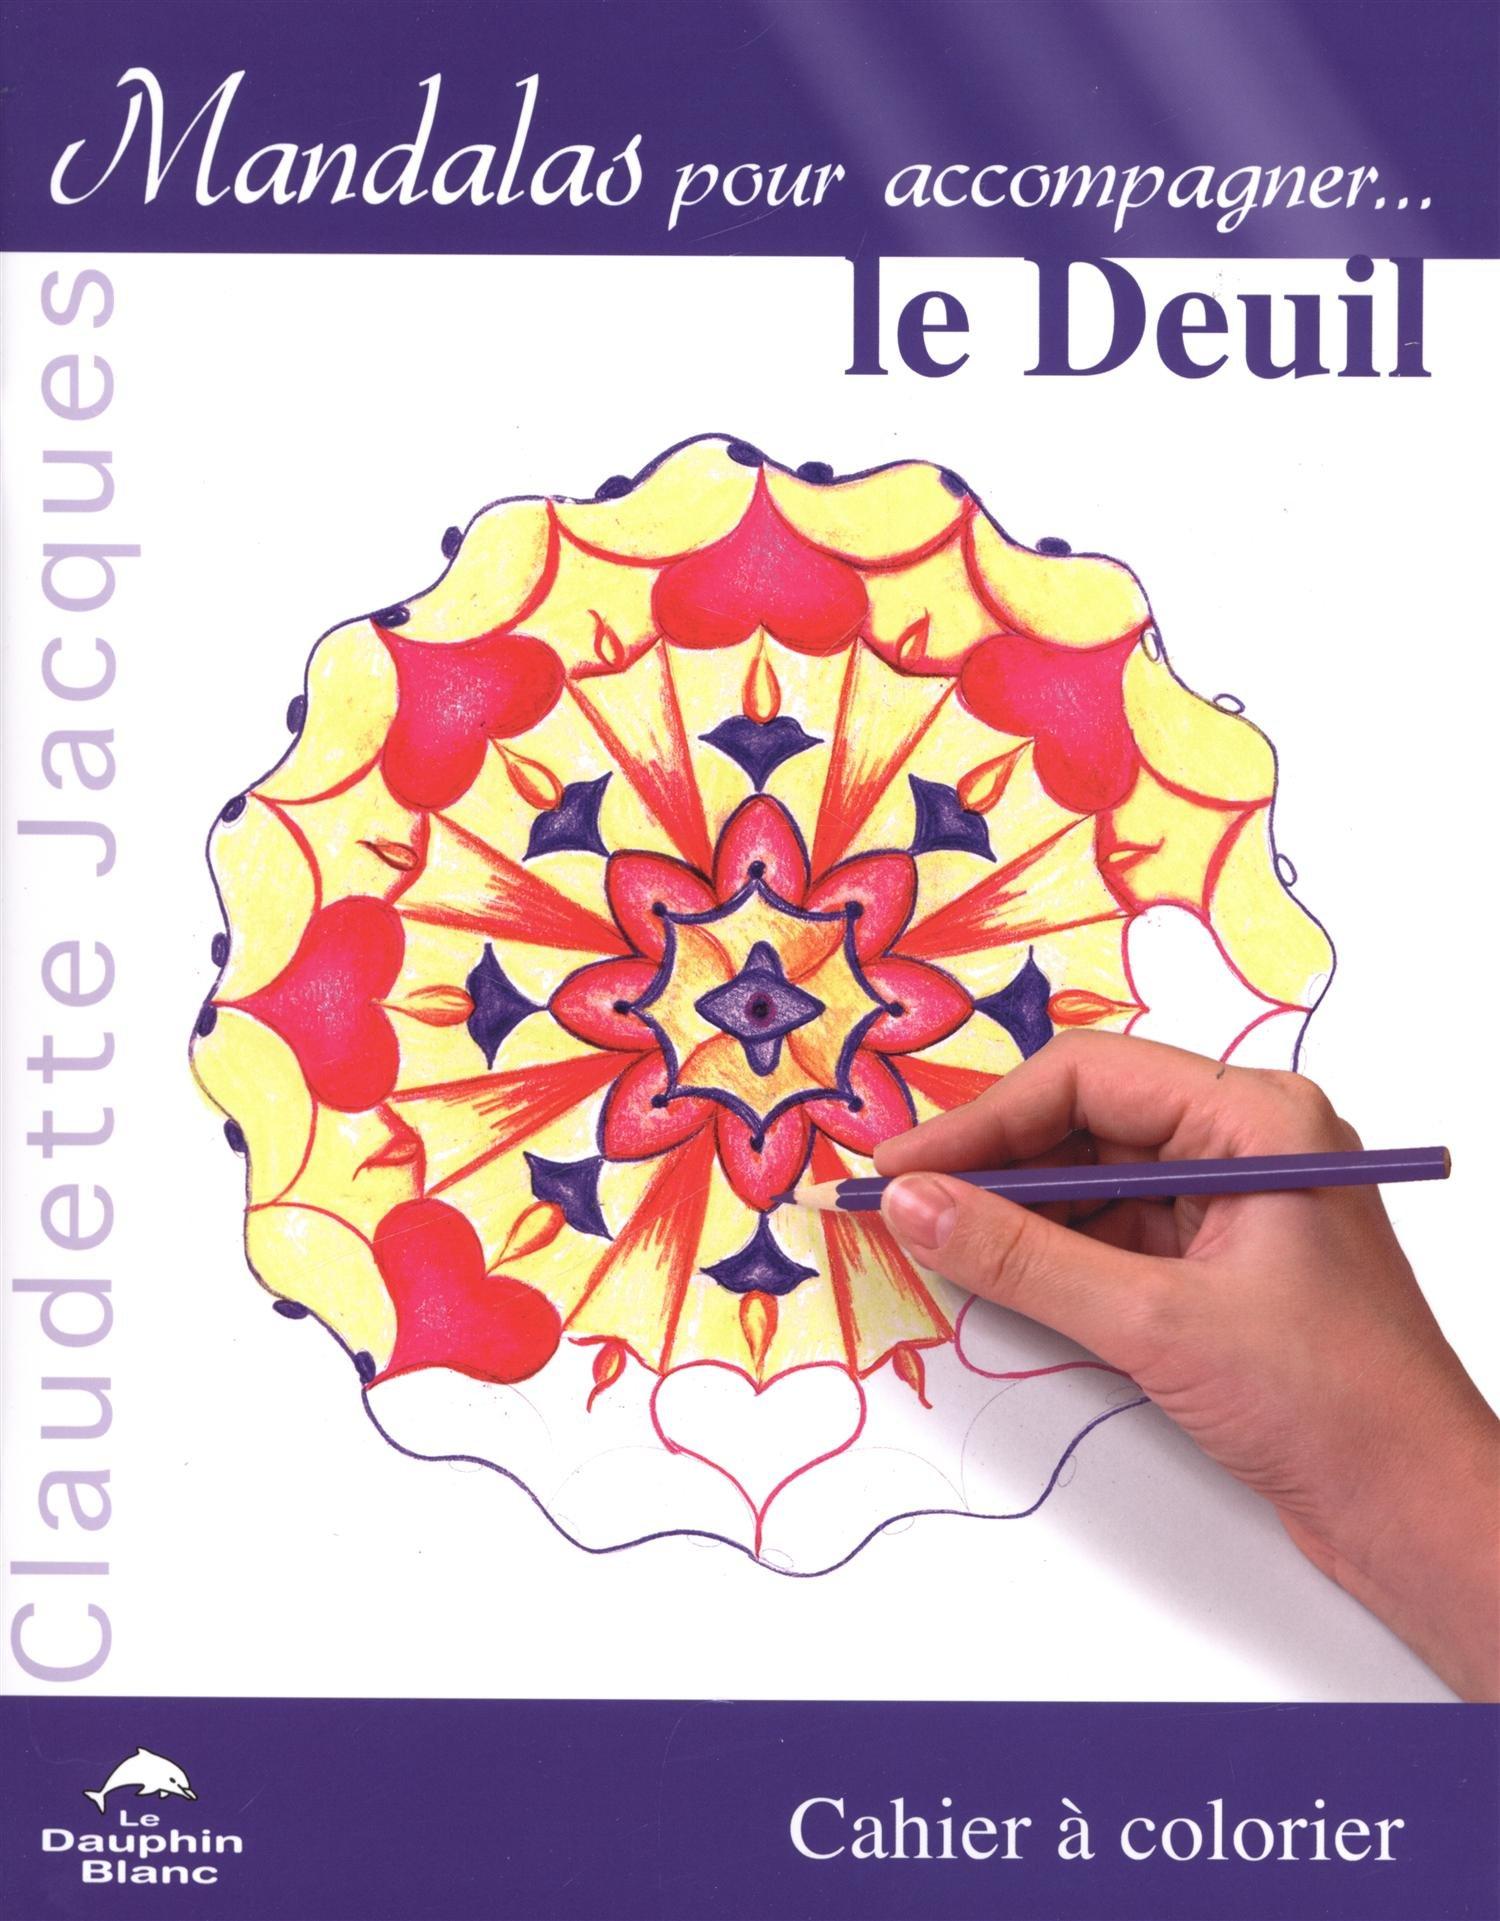 Mandalas pour accompagner le deuil Broché – 18 janvier 2007 Claudette Jacques Dauphin blanc 2894361734 Développement personnel